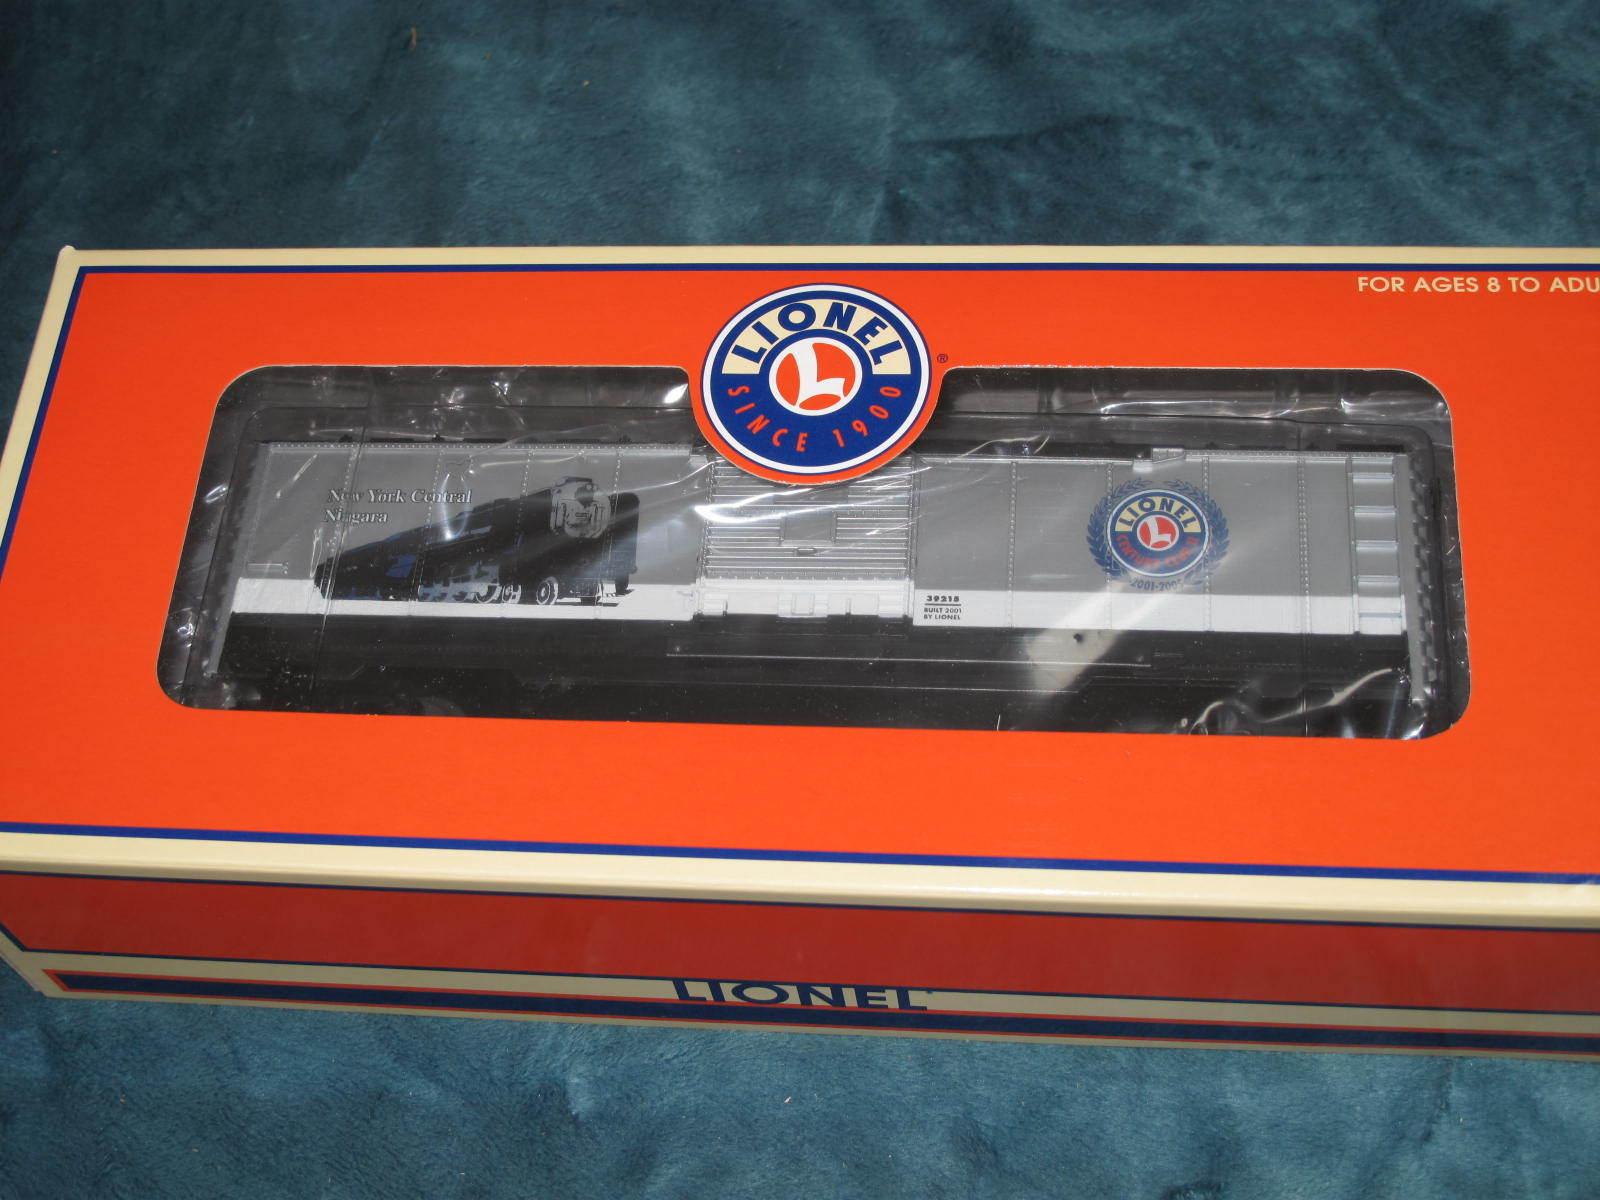 2001 Lionel 6-39215 Century Club II New York Central Niagara Box Car New L1806